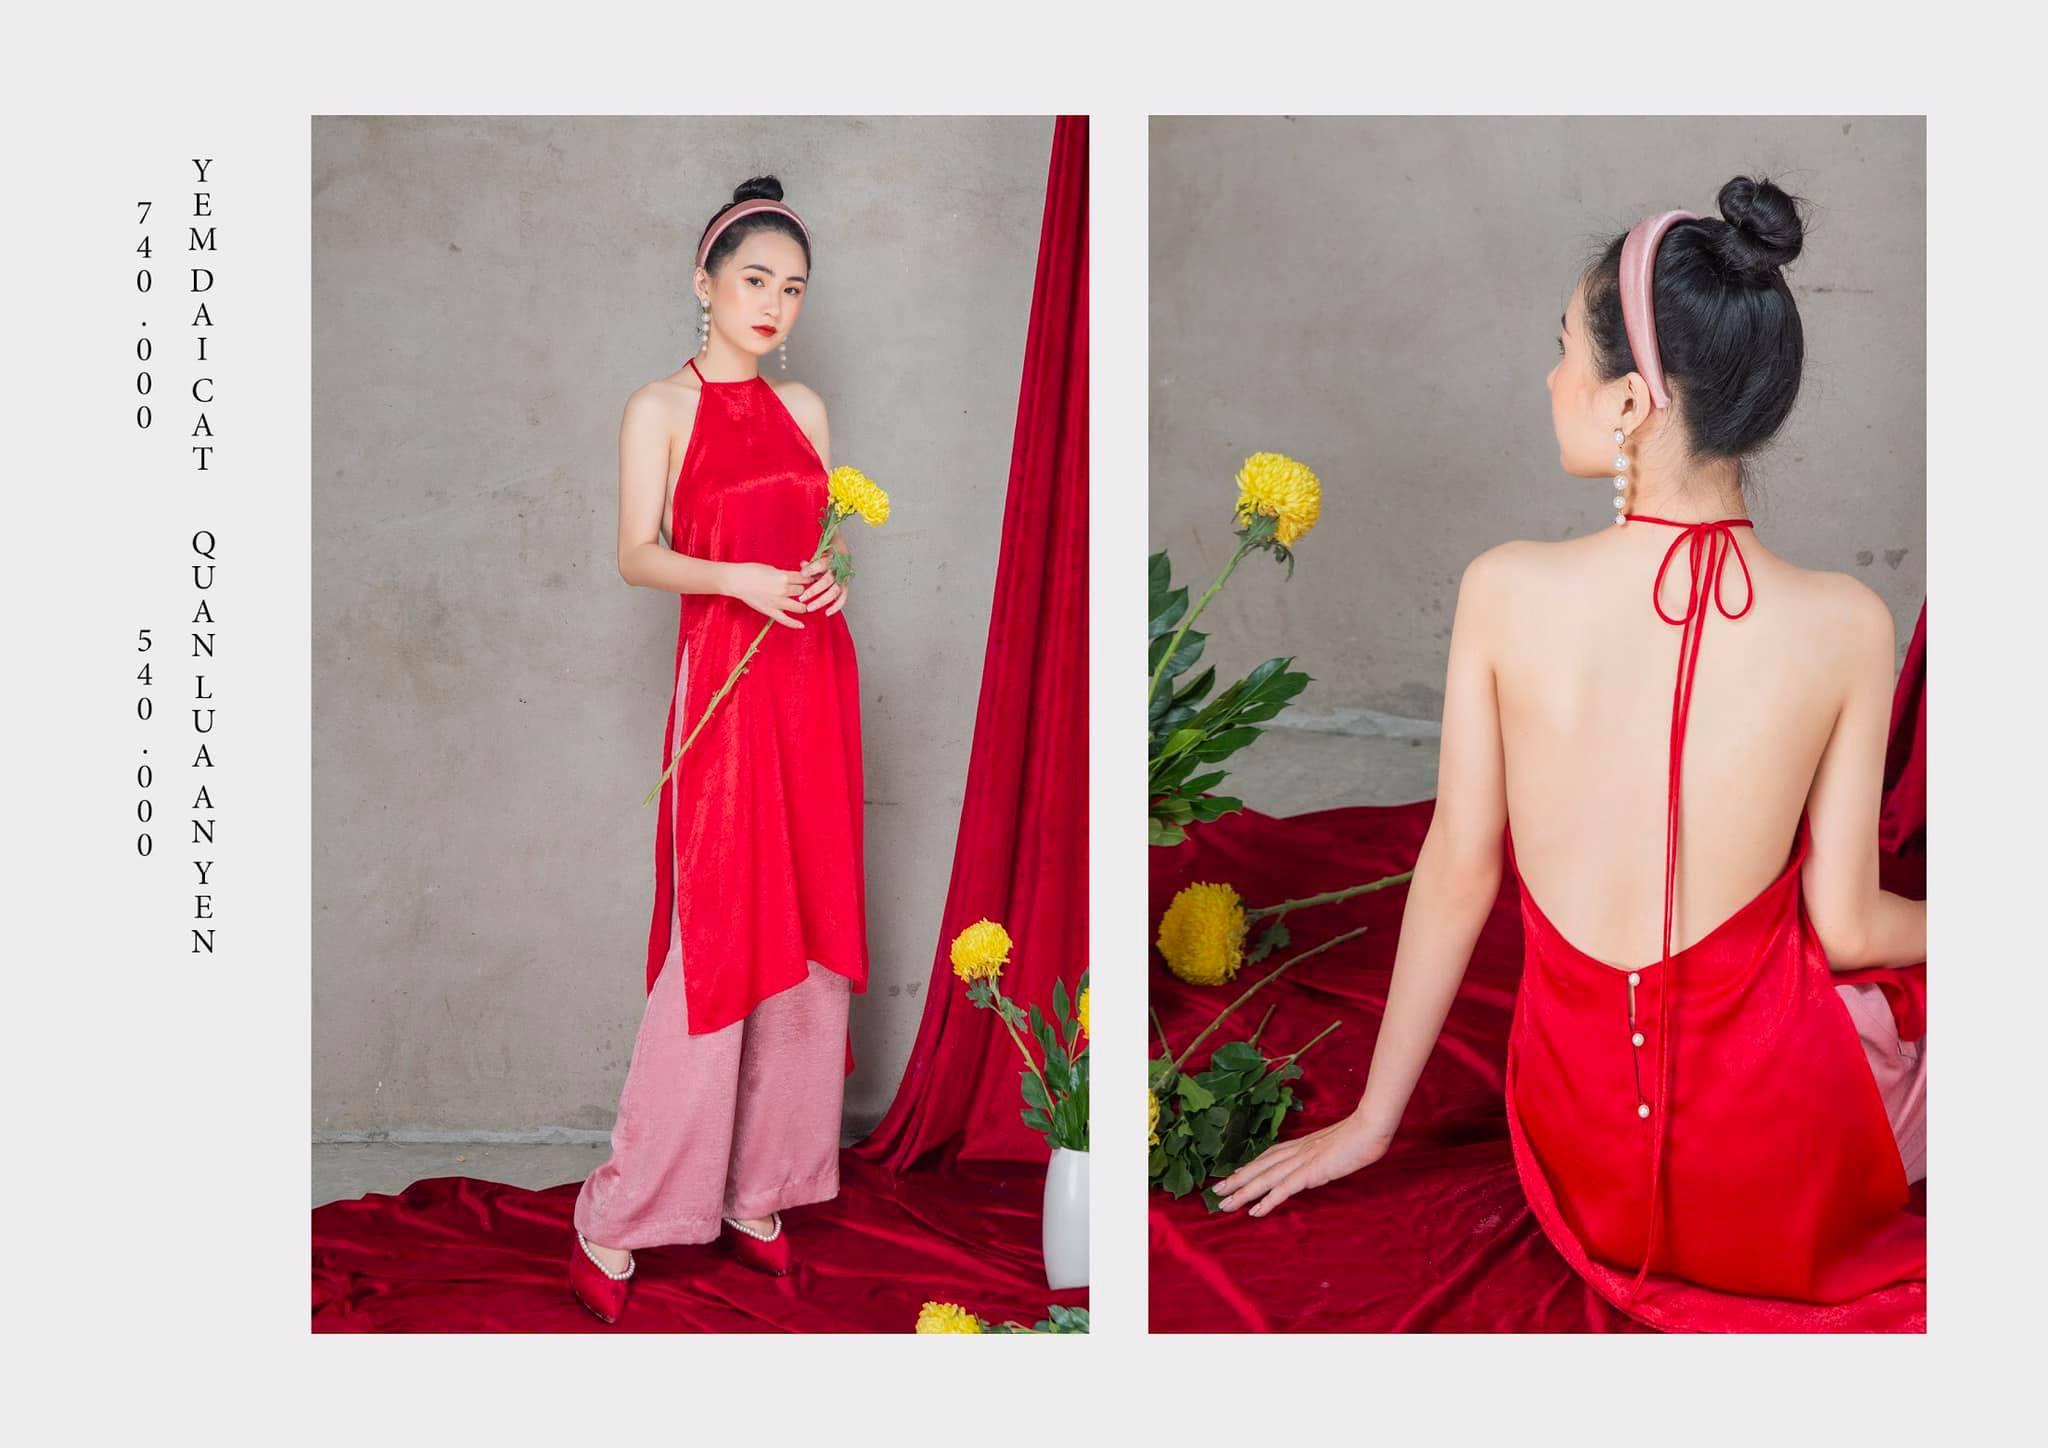 áo dài tết 2020 yếm ngọc cát tường đỏ